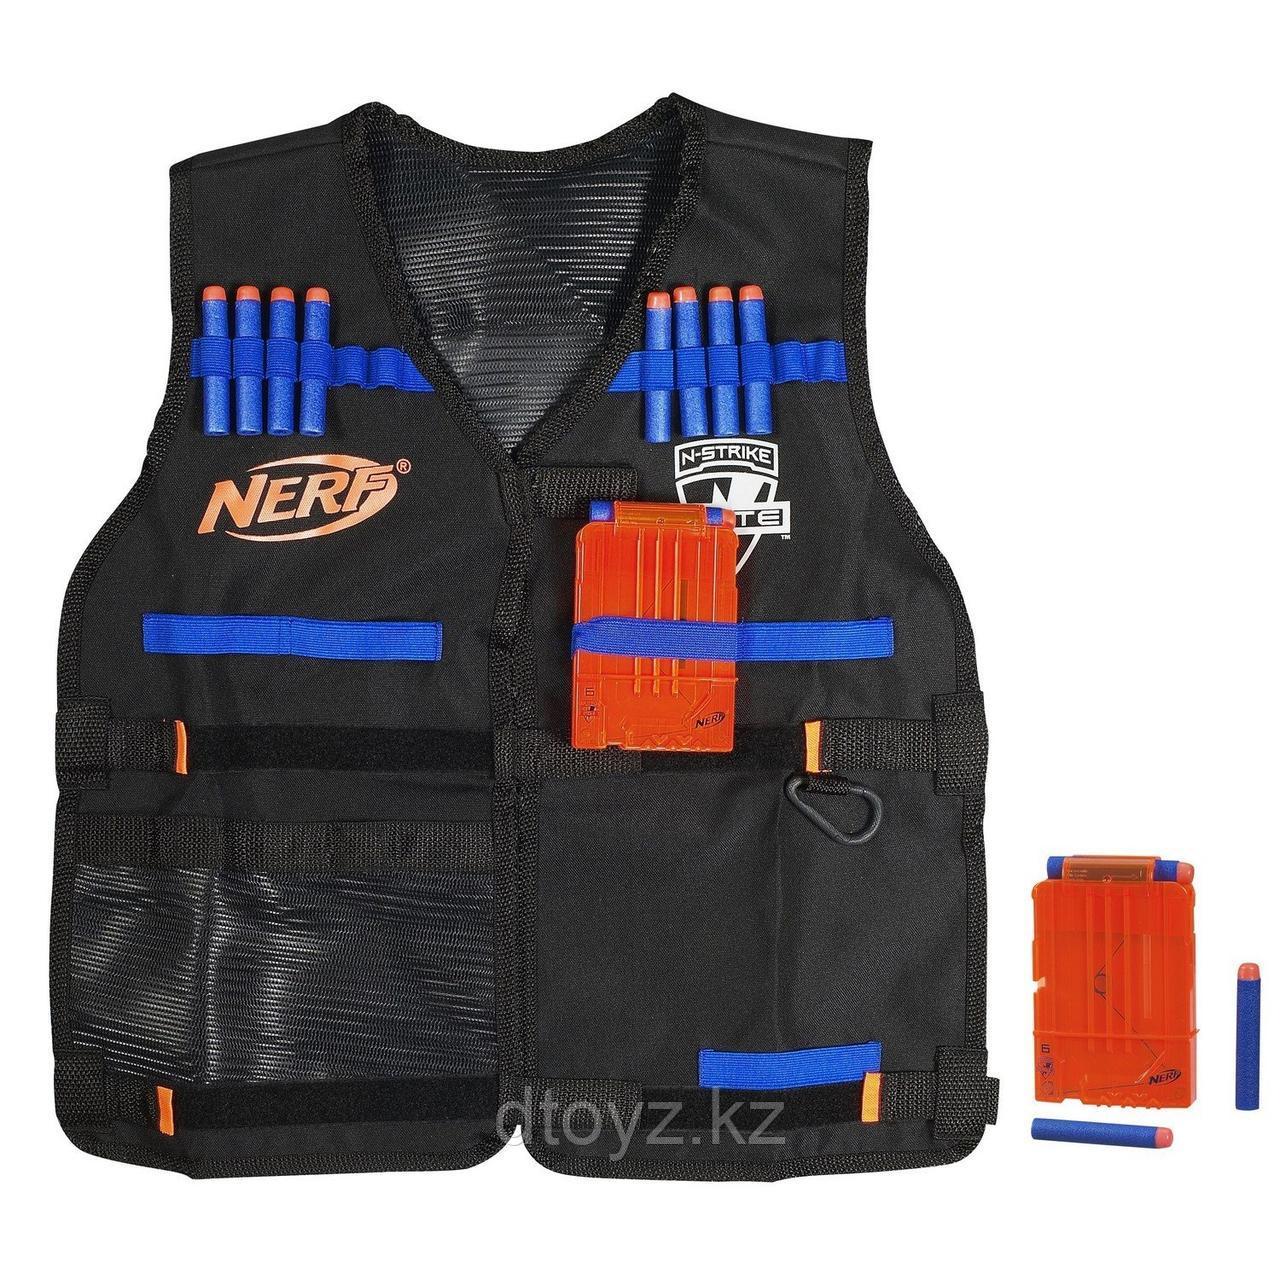 Бластер Nerf Elite + патроны 12 штук A0250